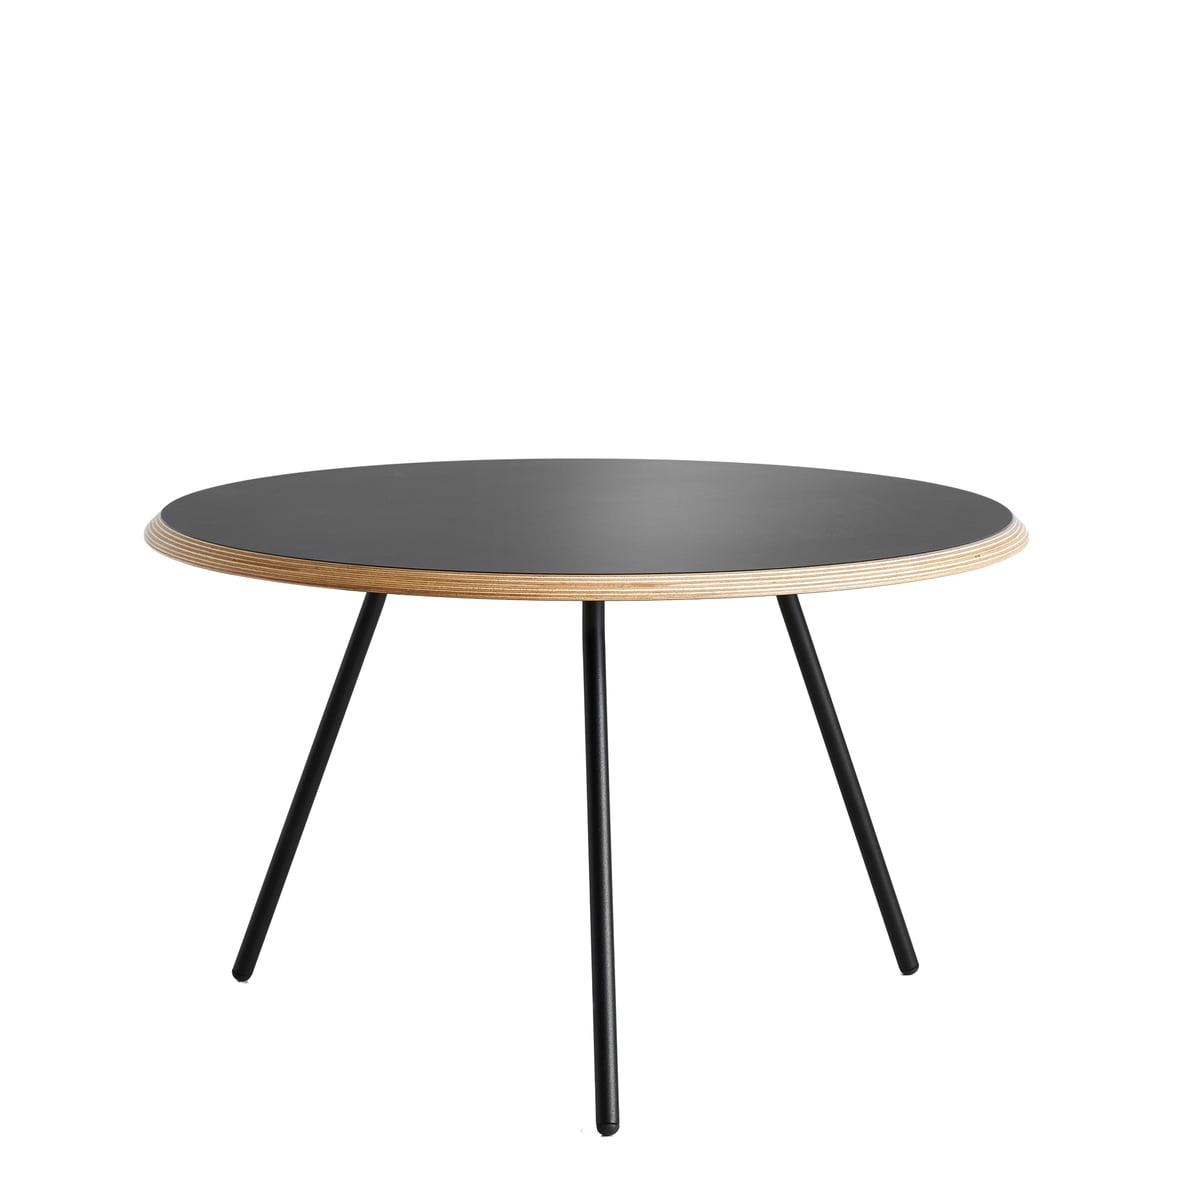 Woud - Soround Side Table H 39,5 cm / Ø 60 cm, Laminat schwarz (Fenix) | Baumarkt > Bodenbeläge > Laminat | Schwarz | Woud